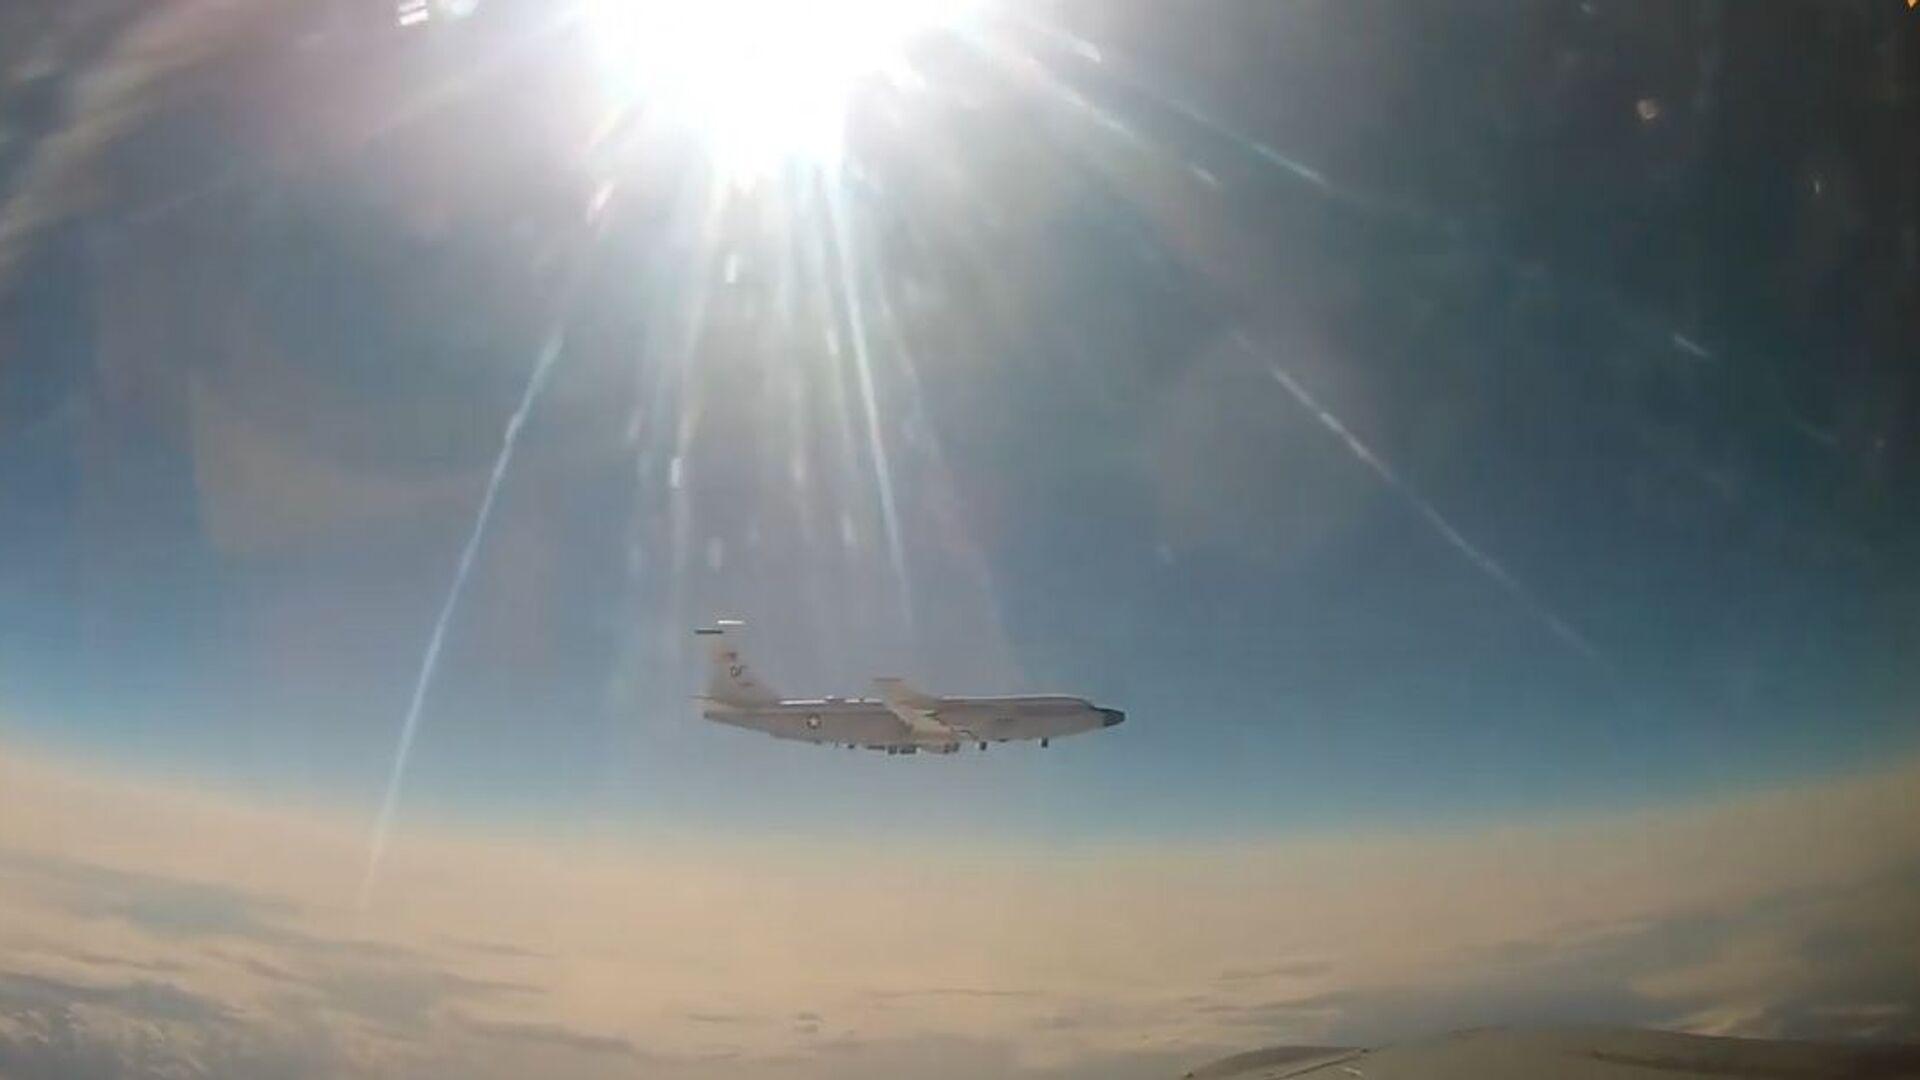 MiG-31 intercetta aereo da ricognizione americano sull'Oceano Pacifico - Sputnik Italia, 1920, 15.07.2021